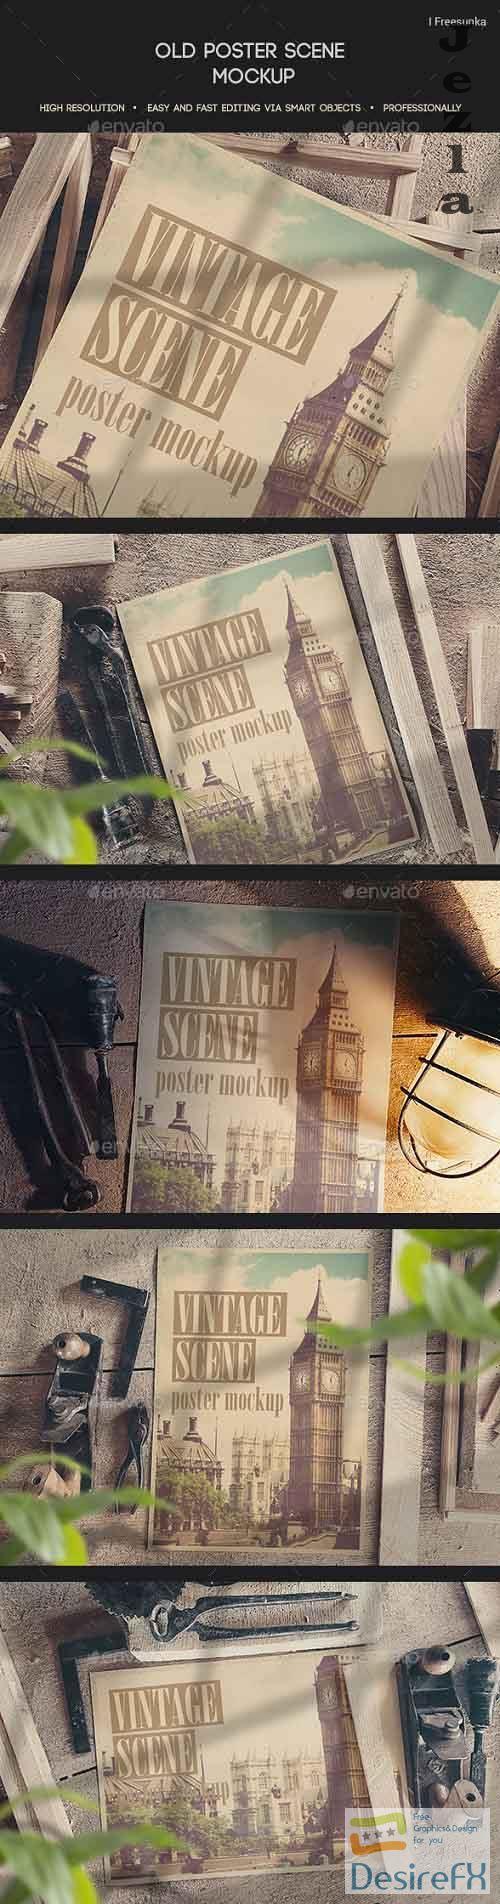 Old Poster Scene Mockup - 27450059